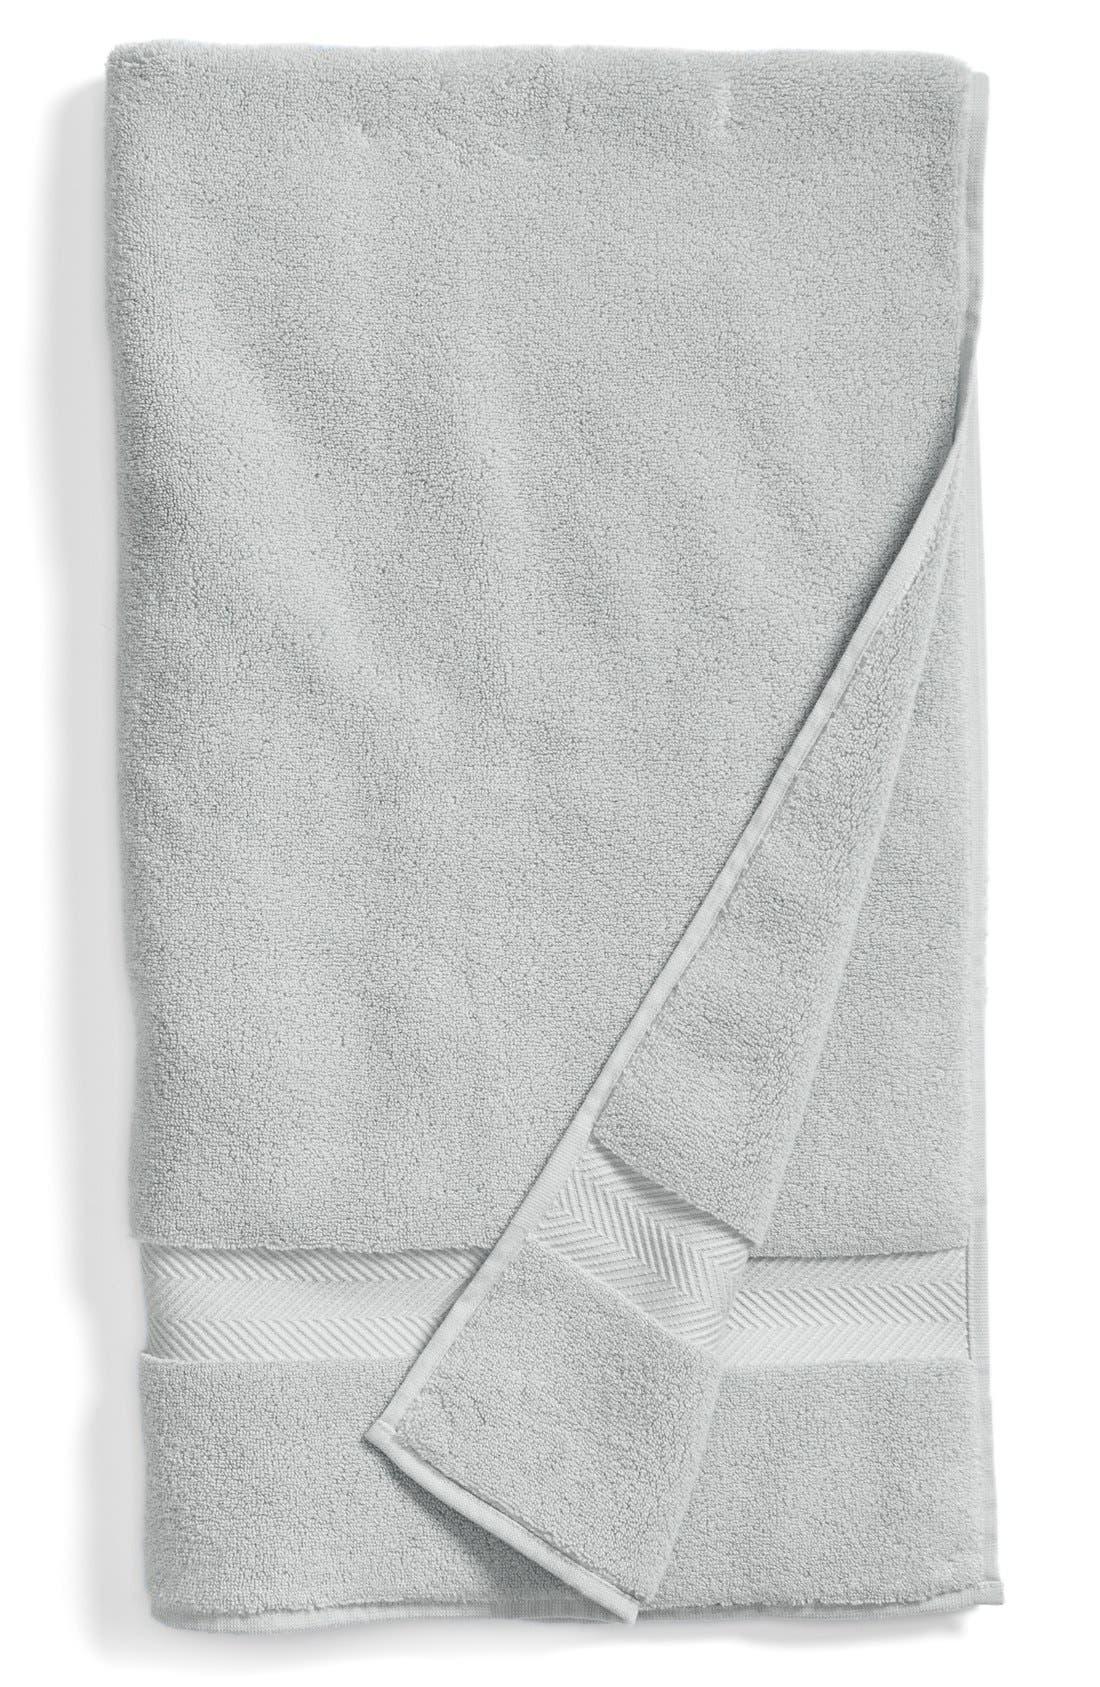 Hydrocotton Bath Towel,                         Main,                         color, 061